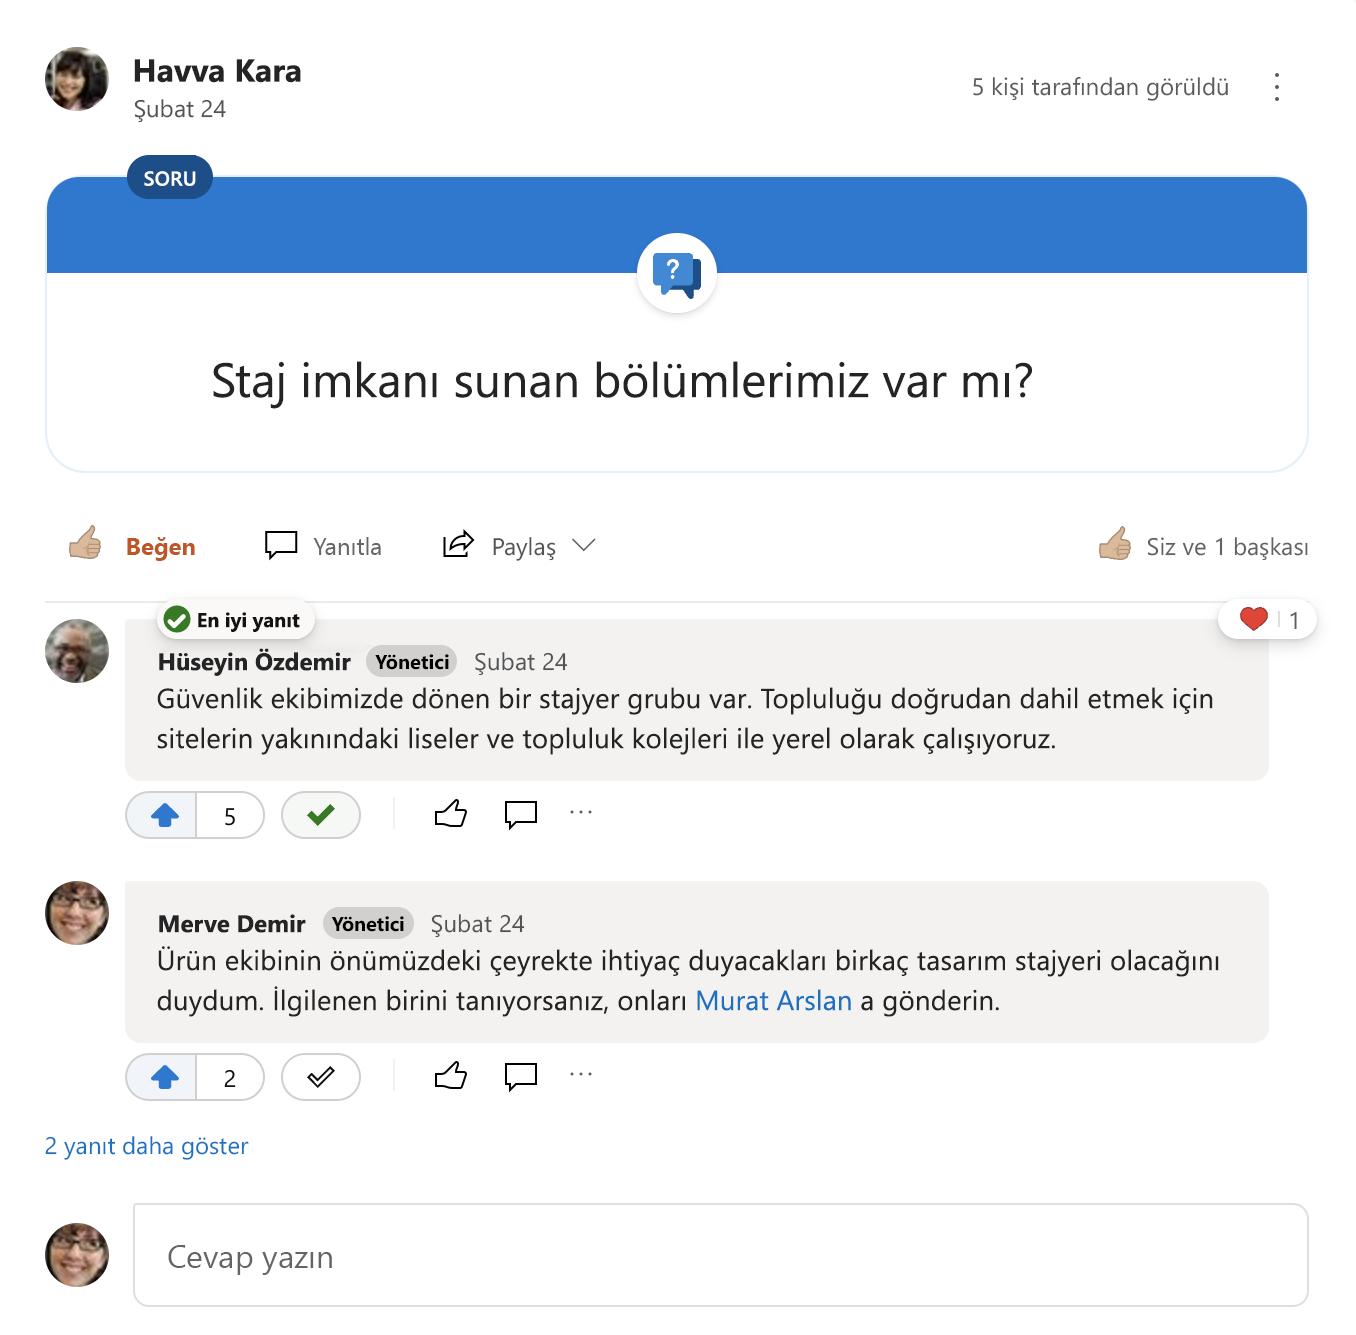 Yammer sorusunun en iyi yanıtı